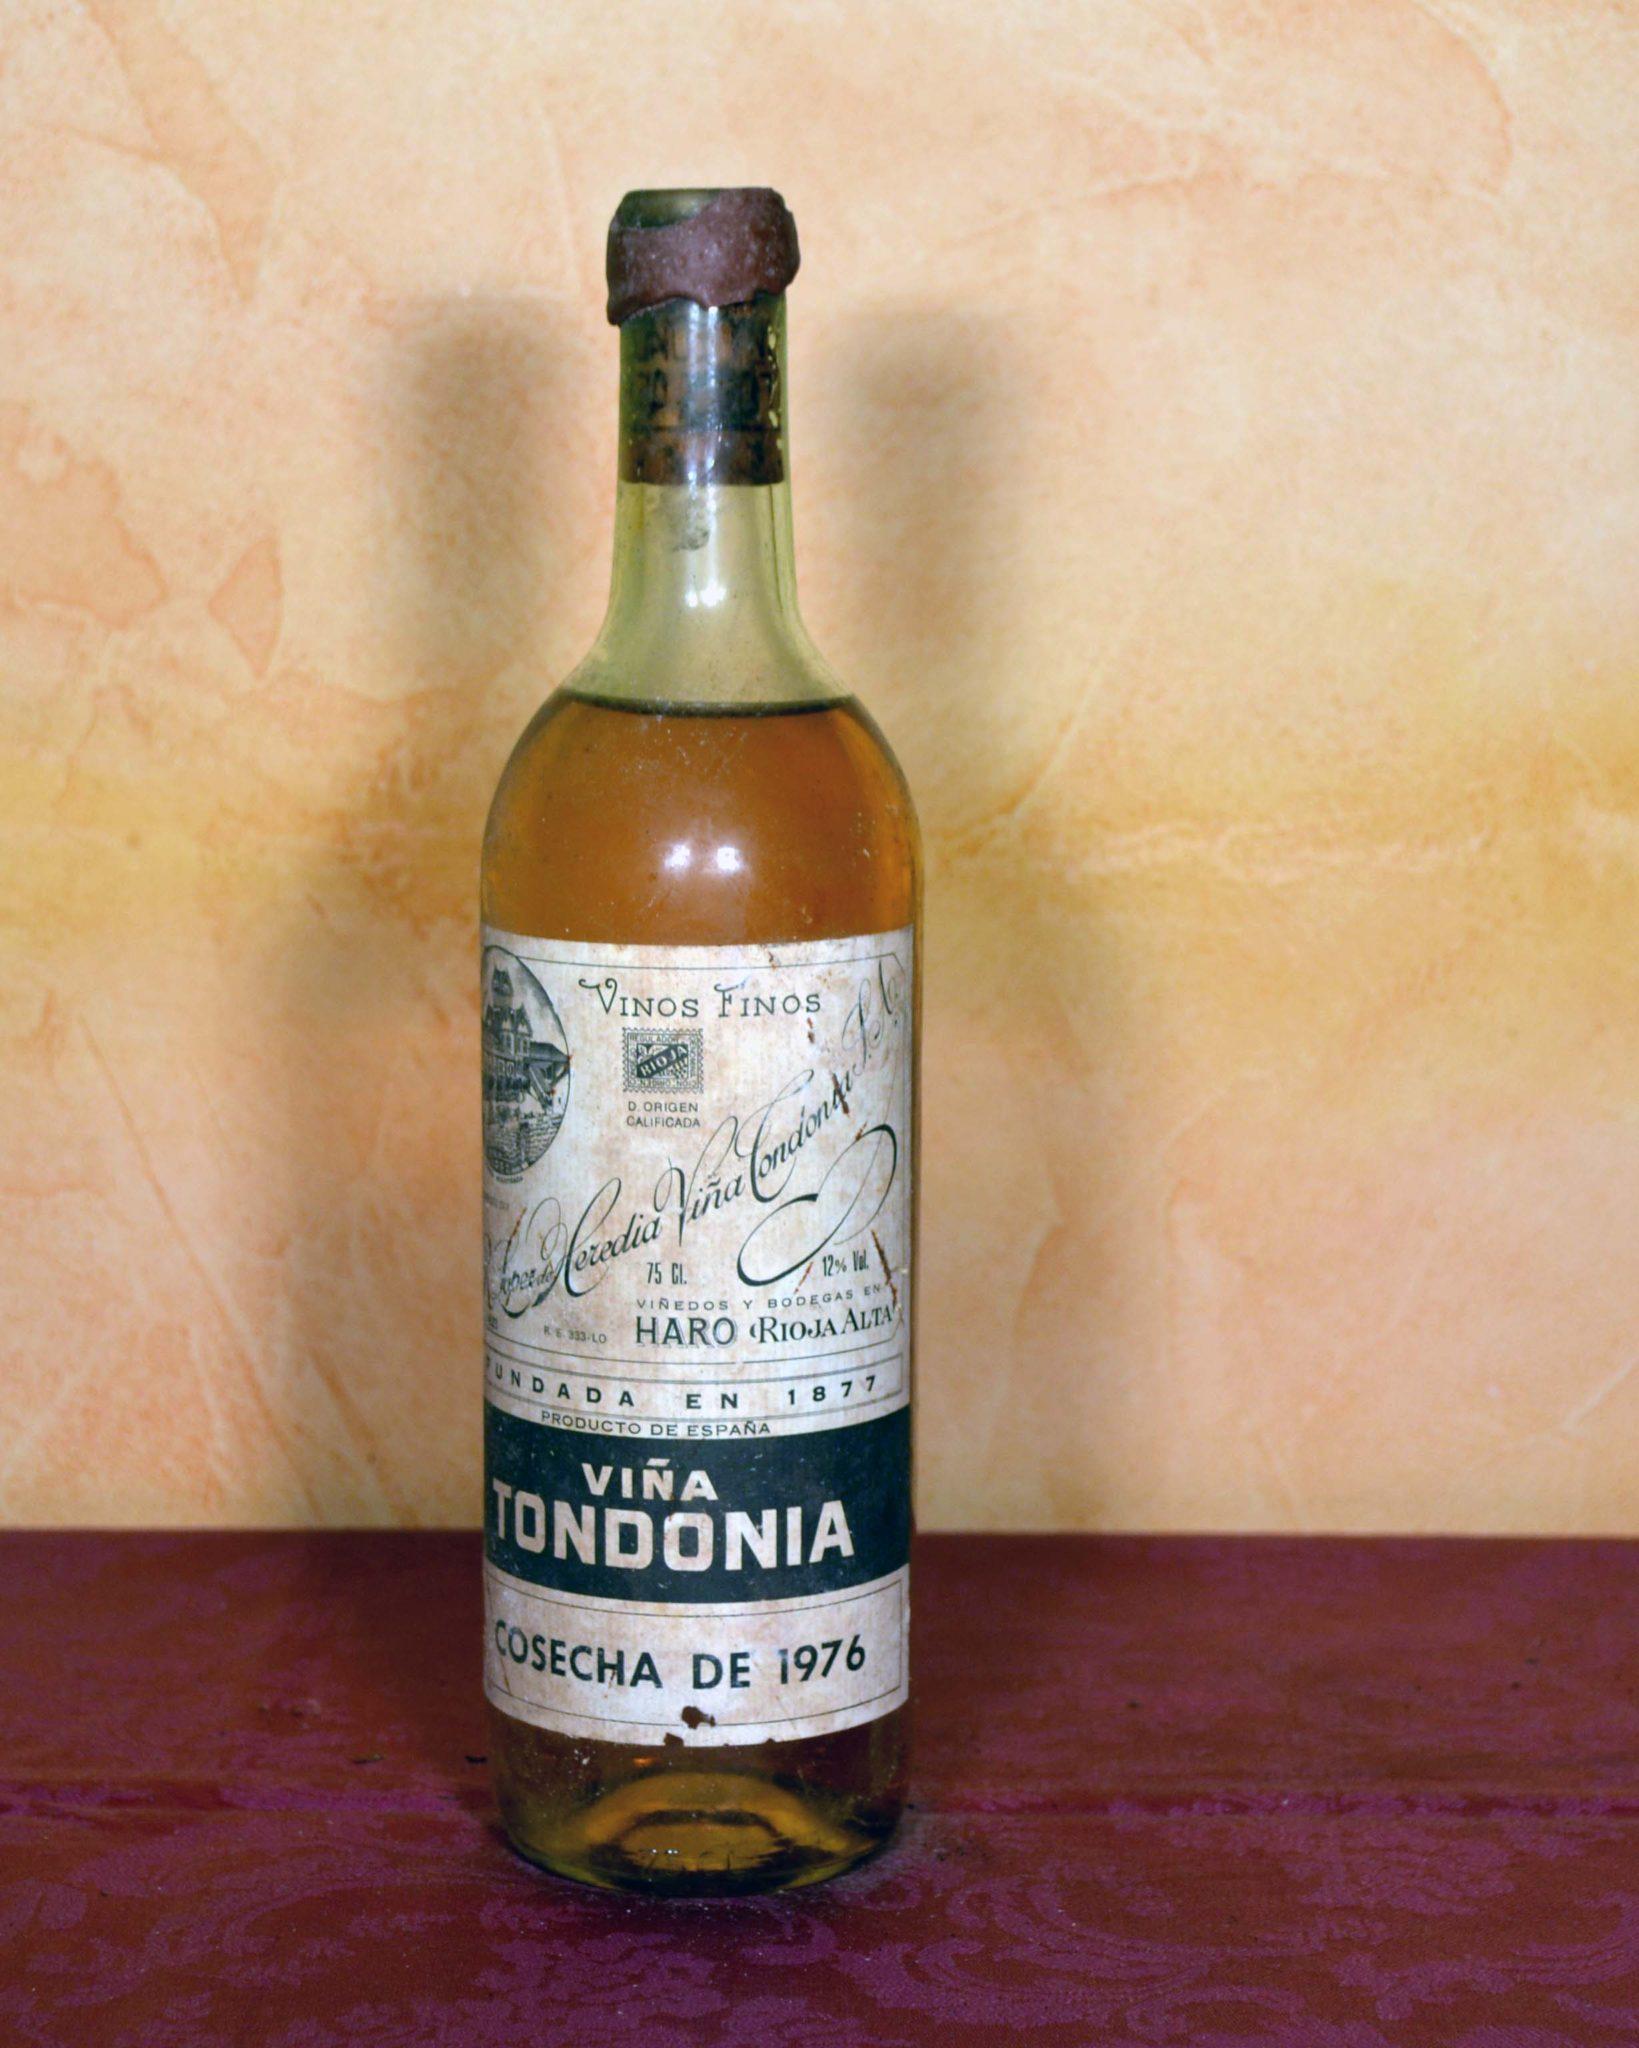 viña tondonia blanco gran reserva 1978 es un vino elaborado por lopez heredia siendo un regalo ideal de cumpleaños o aniversario